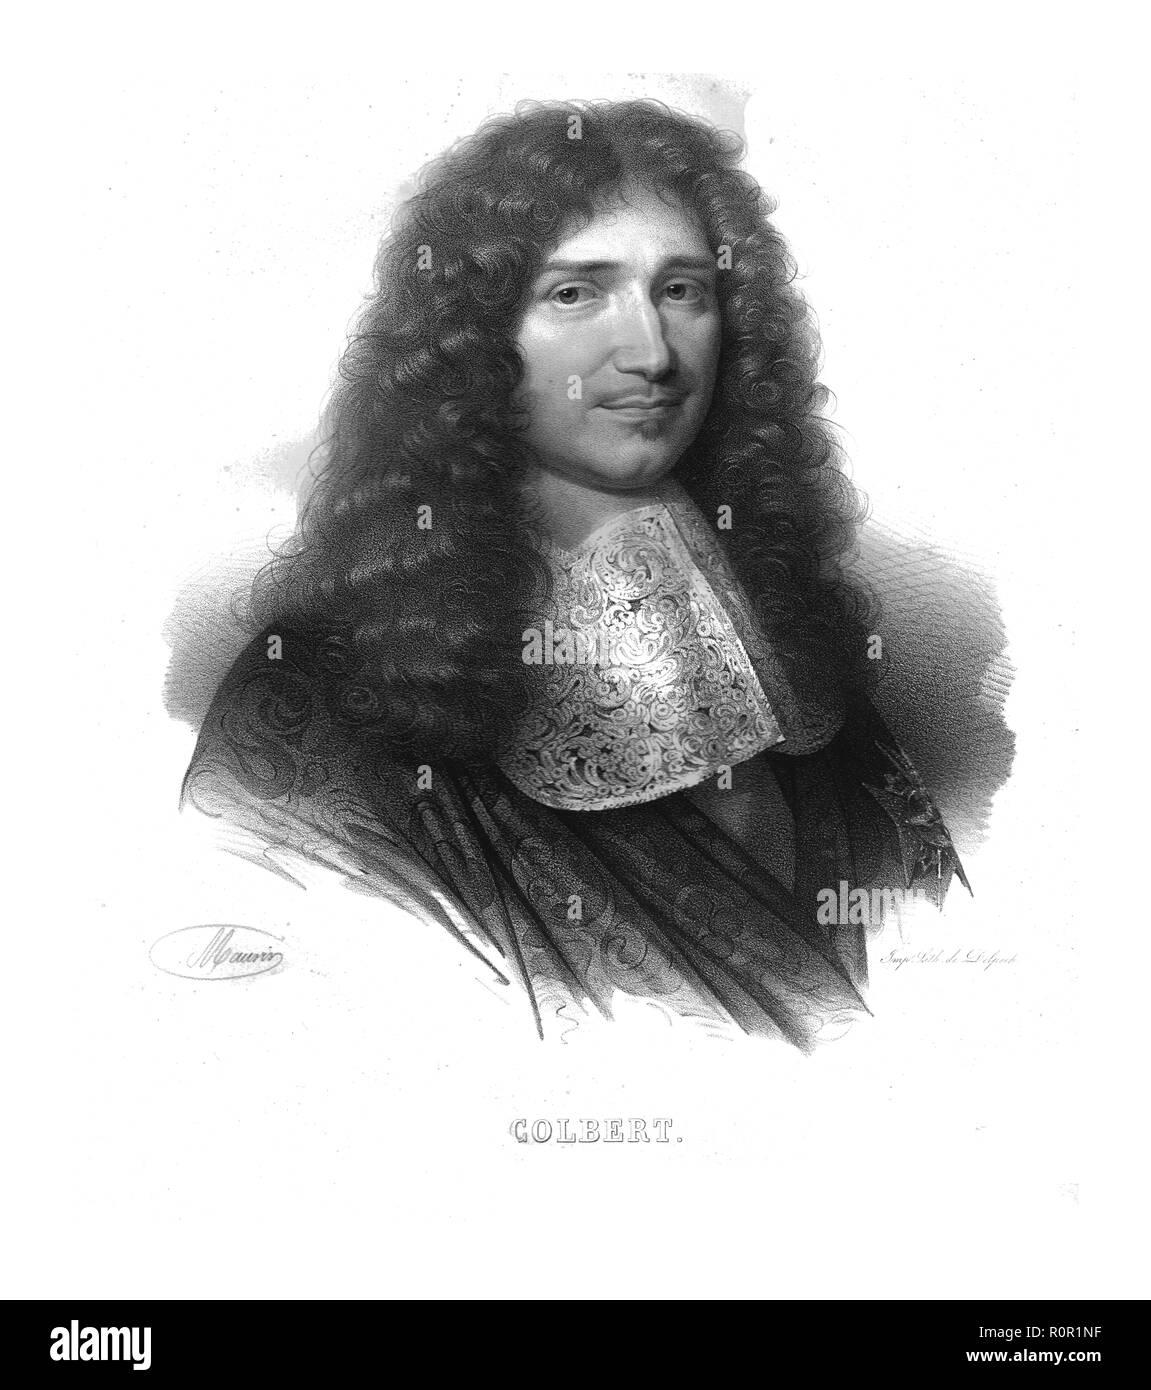 """""""Colbert"""". Portrait d'homme d'État français Jean-Baptiste Colbert (1619-1683), le Ministre en chef. Il a été responsable de la réforme de l'administration financière chaotique et le système d'imposition de la France et a supervisé l'expansion et la modernisation de l'industrie manufacturière. Son succès dans la gestion de l'économie française a été particulièrement remarquable étant donné le penchant du roi pour dépenser la richesse de la nation sur les guerres et le luxe. Colbert a également joué un rôle important dans le développement de la France en tant que puissance navale. Photo Stock"""